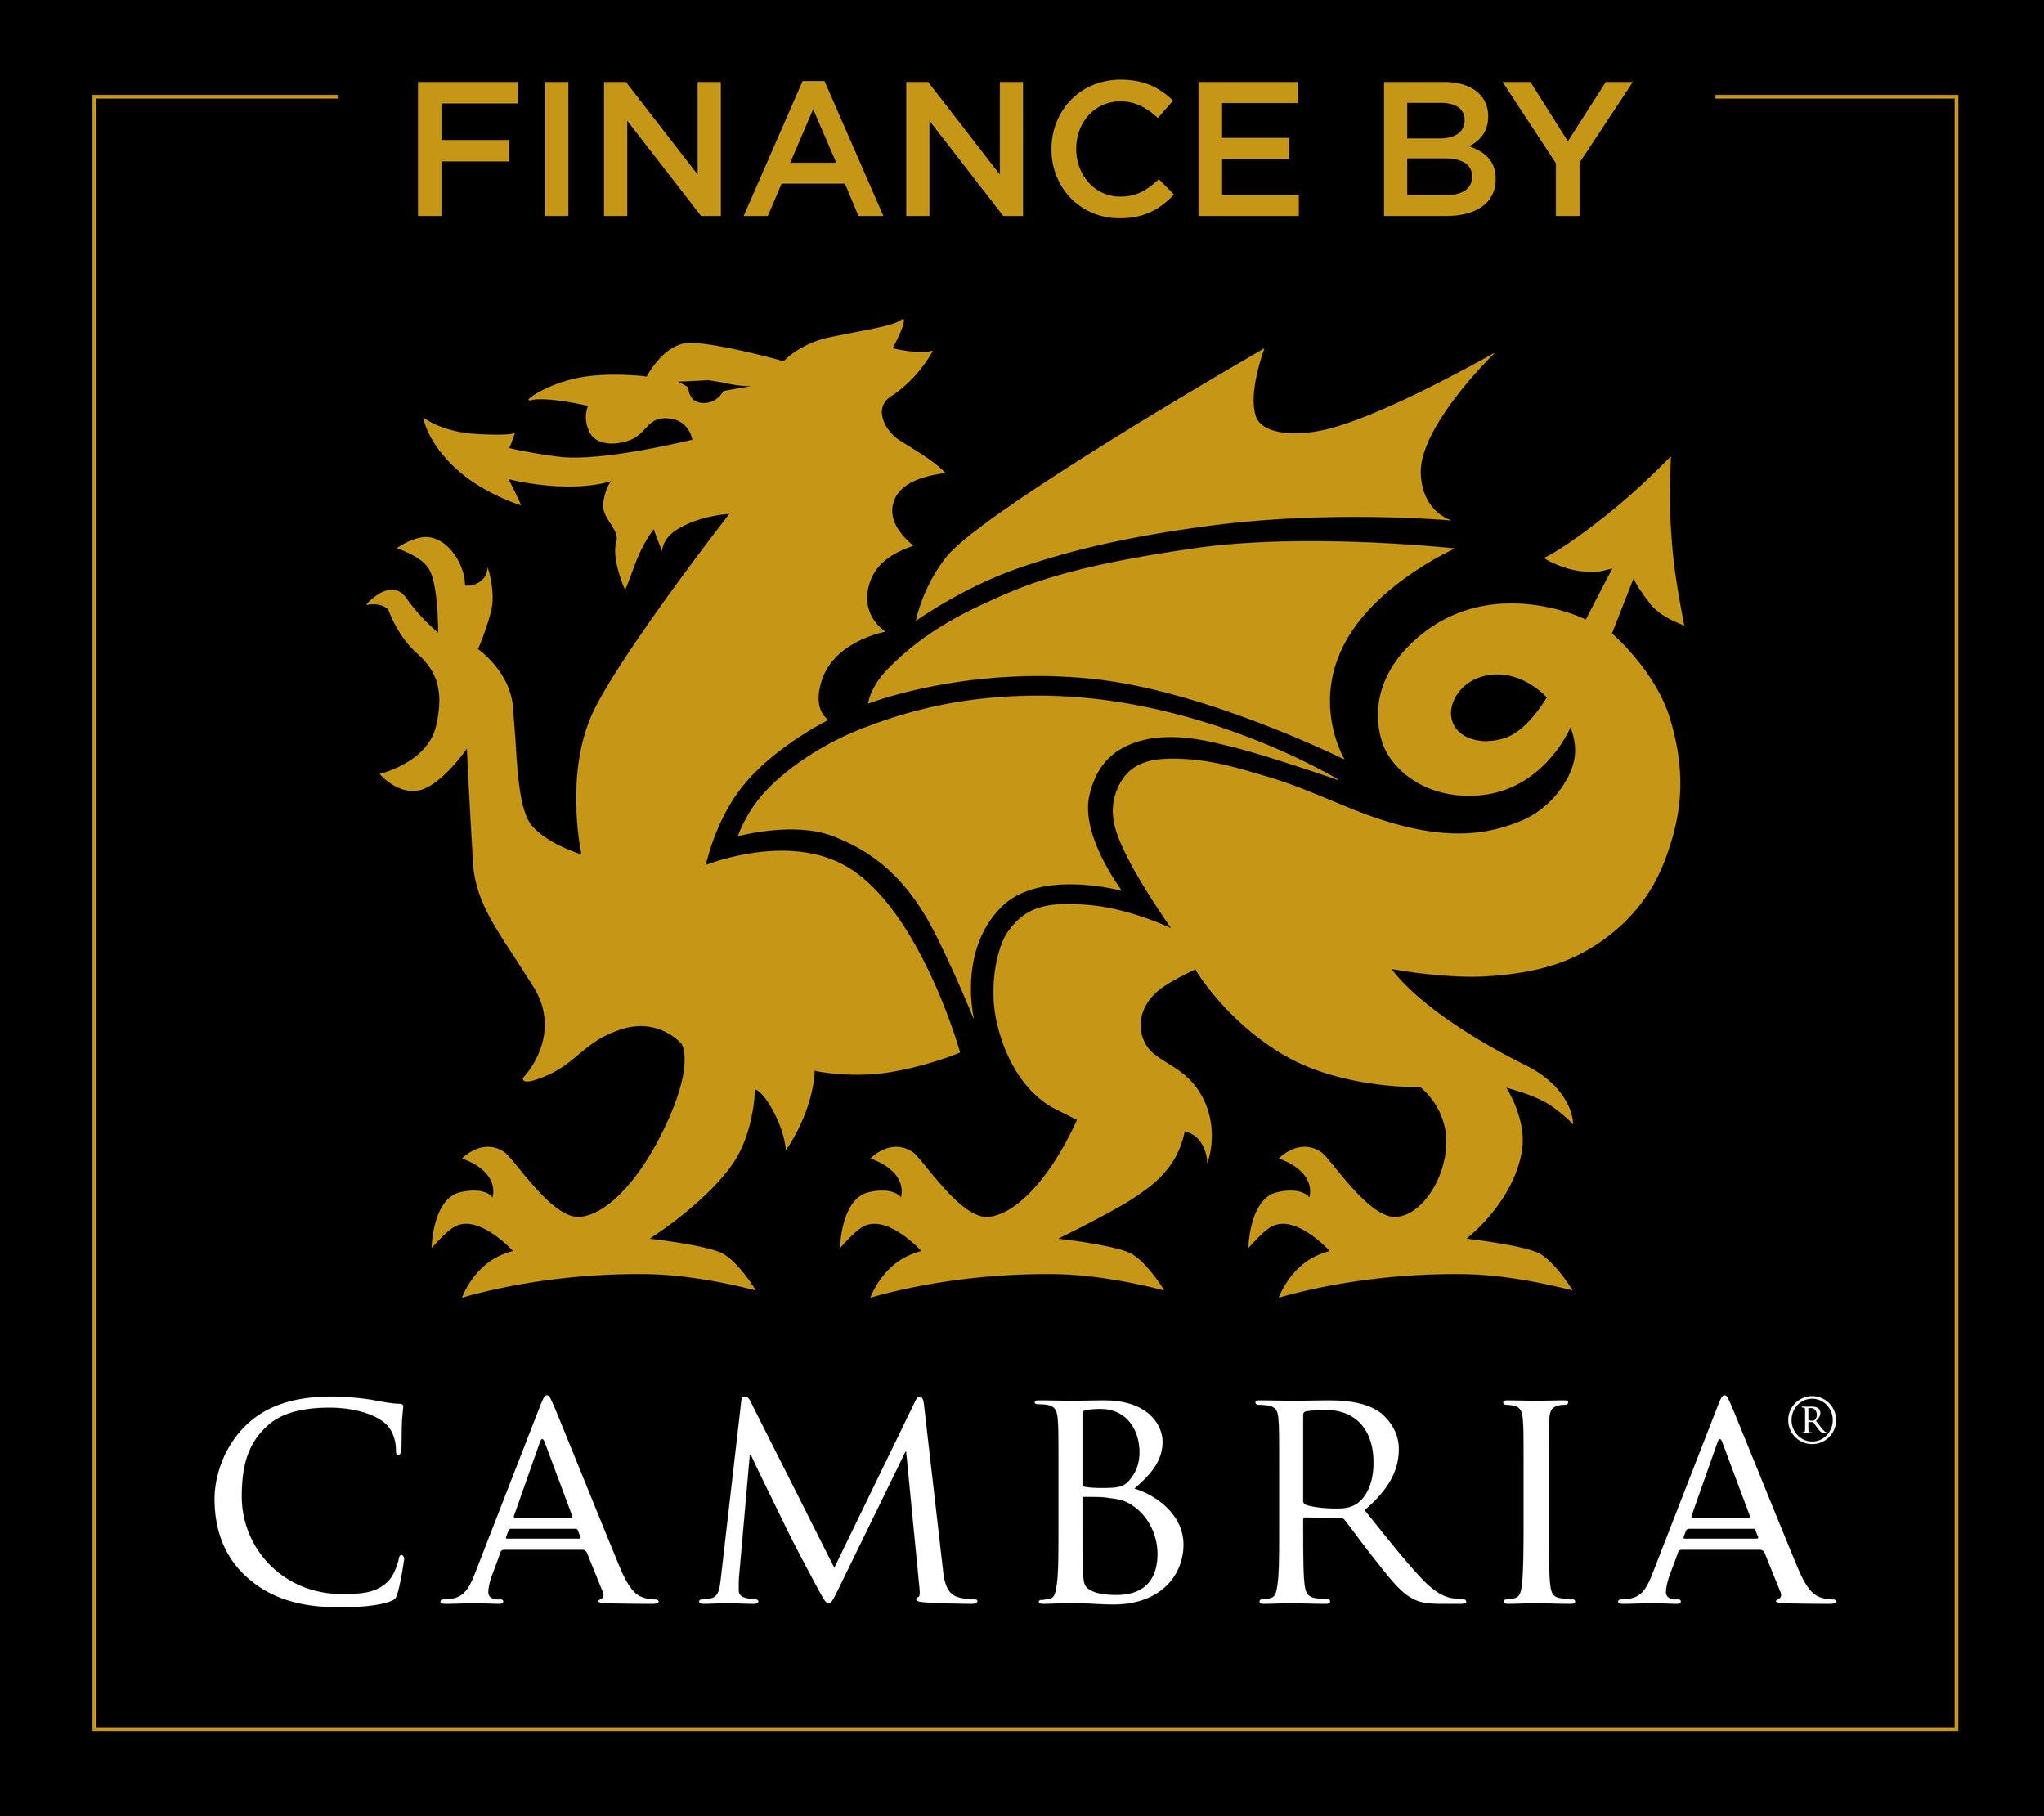 cambria-finance.jpg